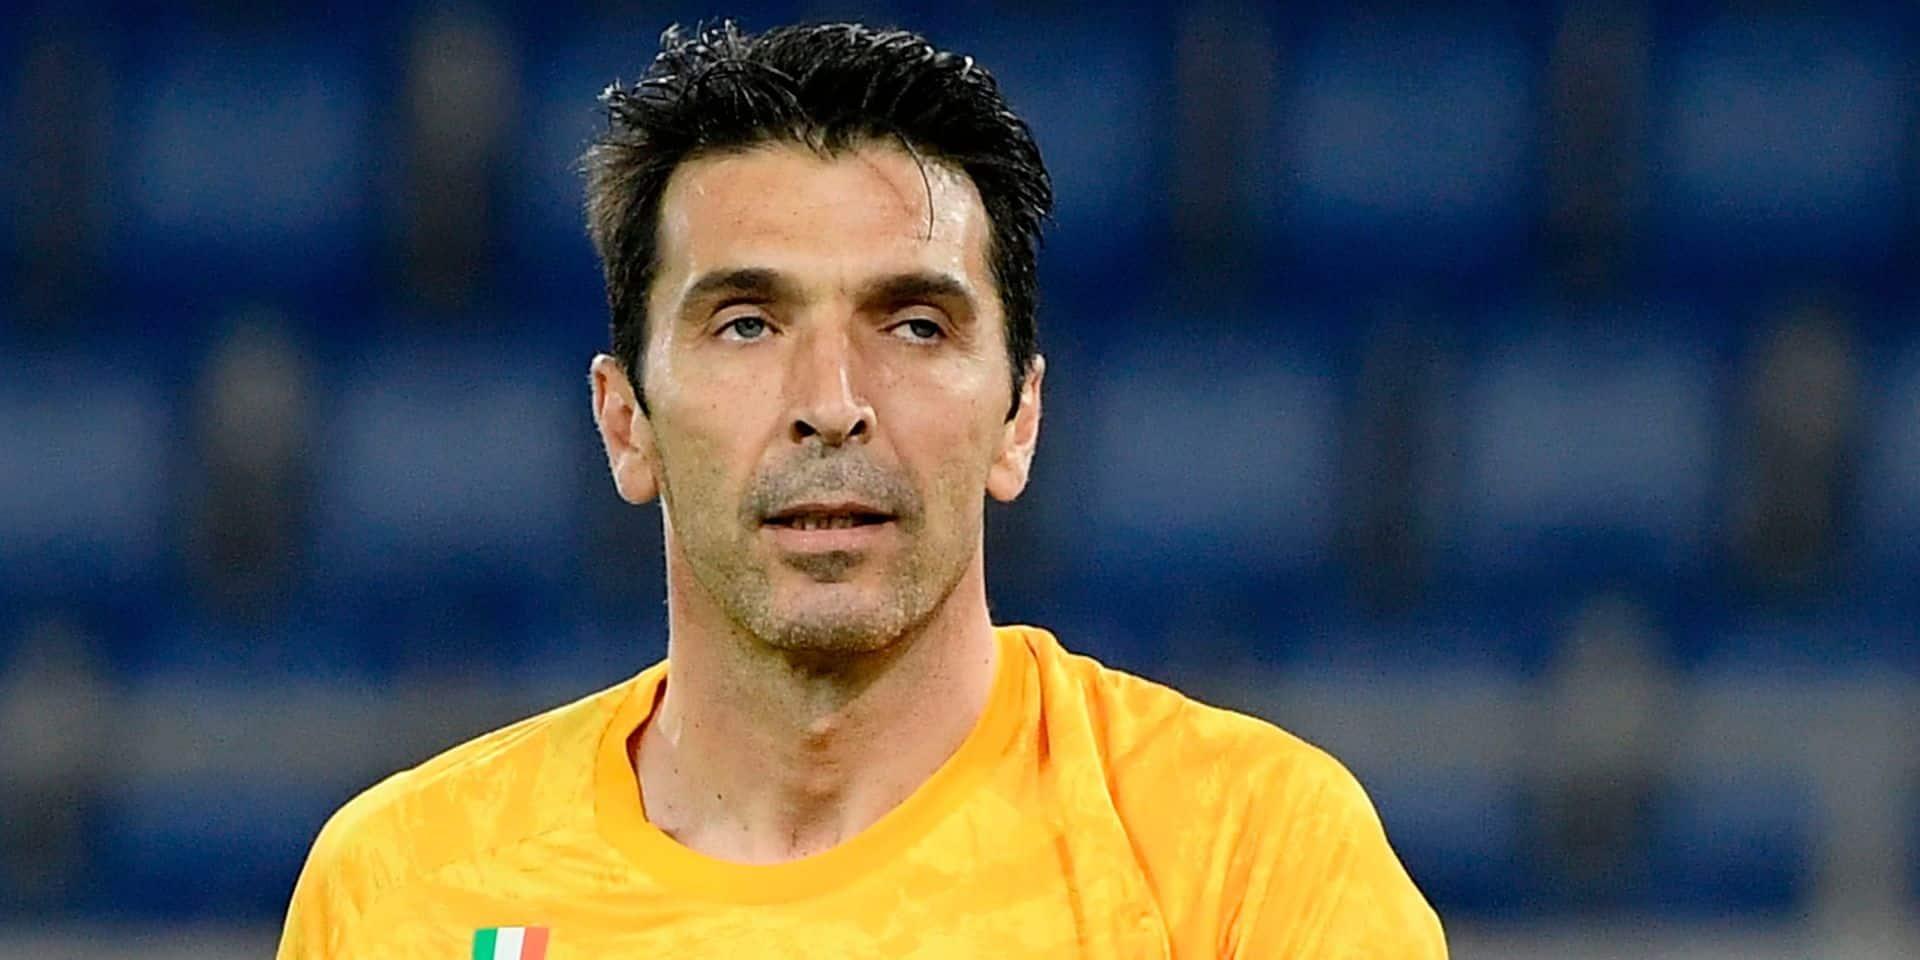 La Juventus prolonge d'un an les contrats de ses tauliers Buffon et Chiellini